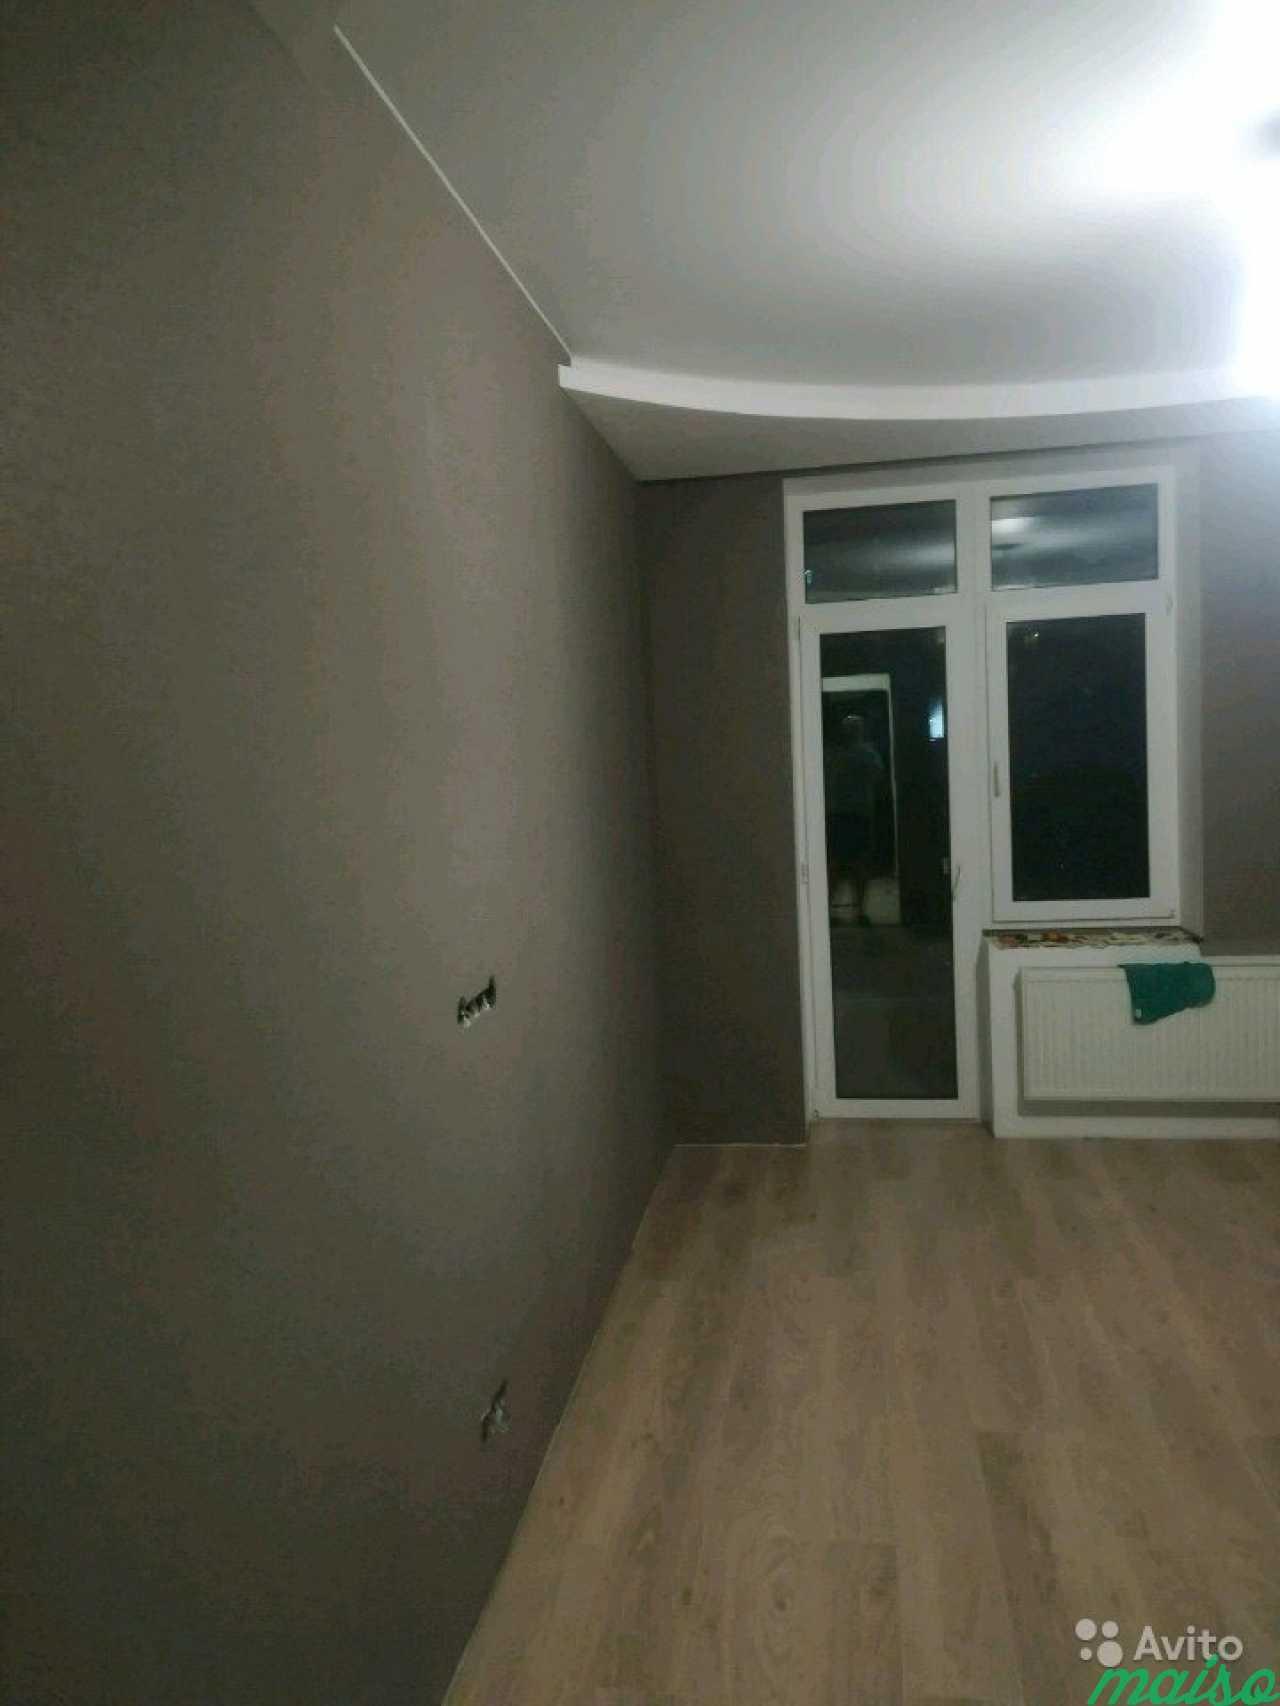 Ремонт квартир как для себя в Санкт-Петербурге. Фото 8